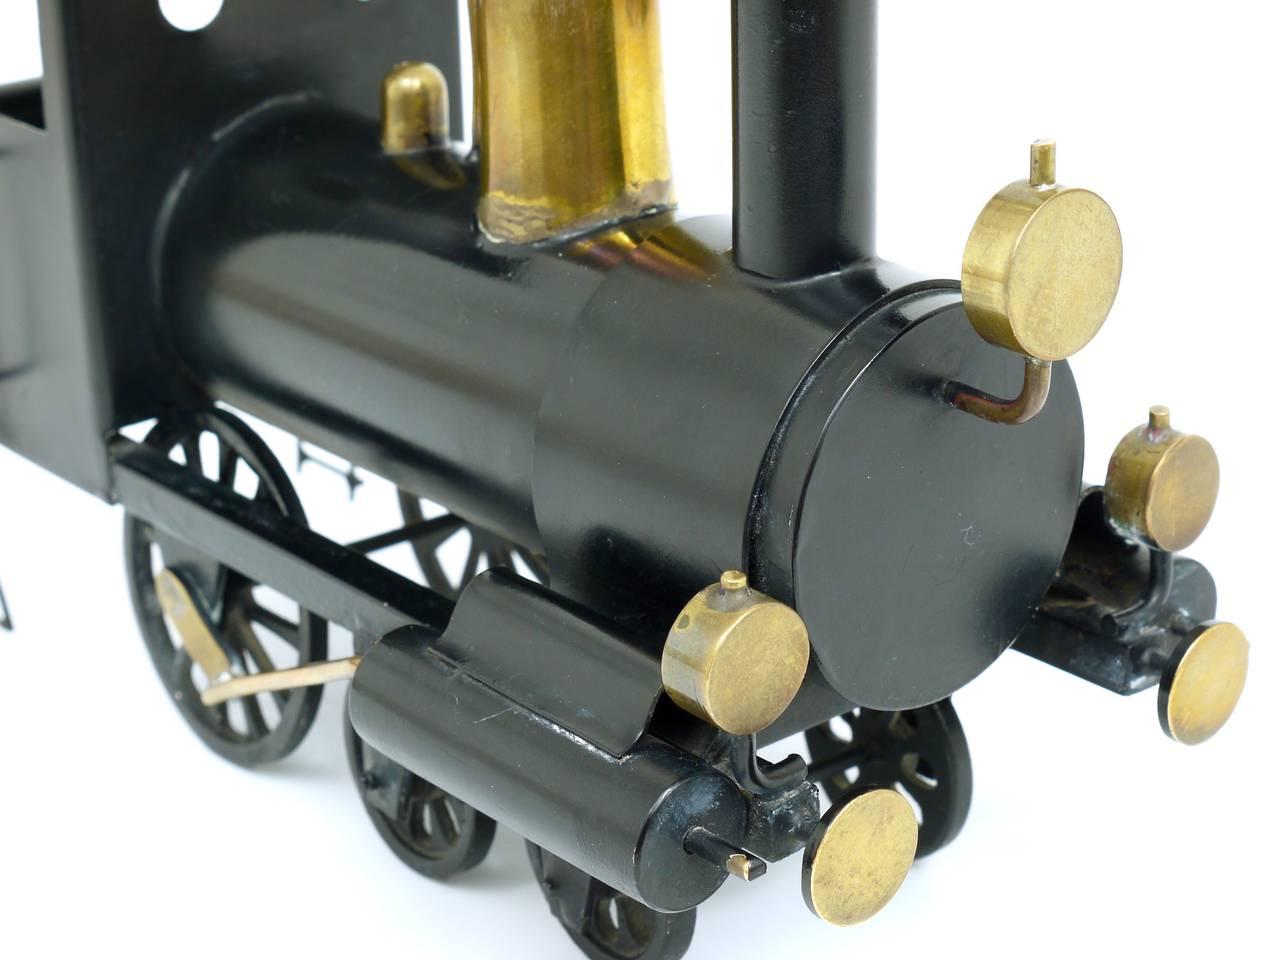 Rare WHW Hagenauer Brass Locomotive Steam Engine, Austria, 1920s For Sale 1